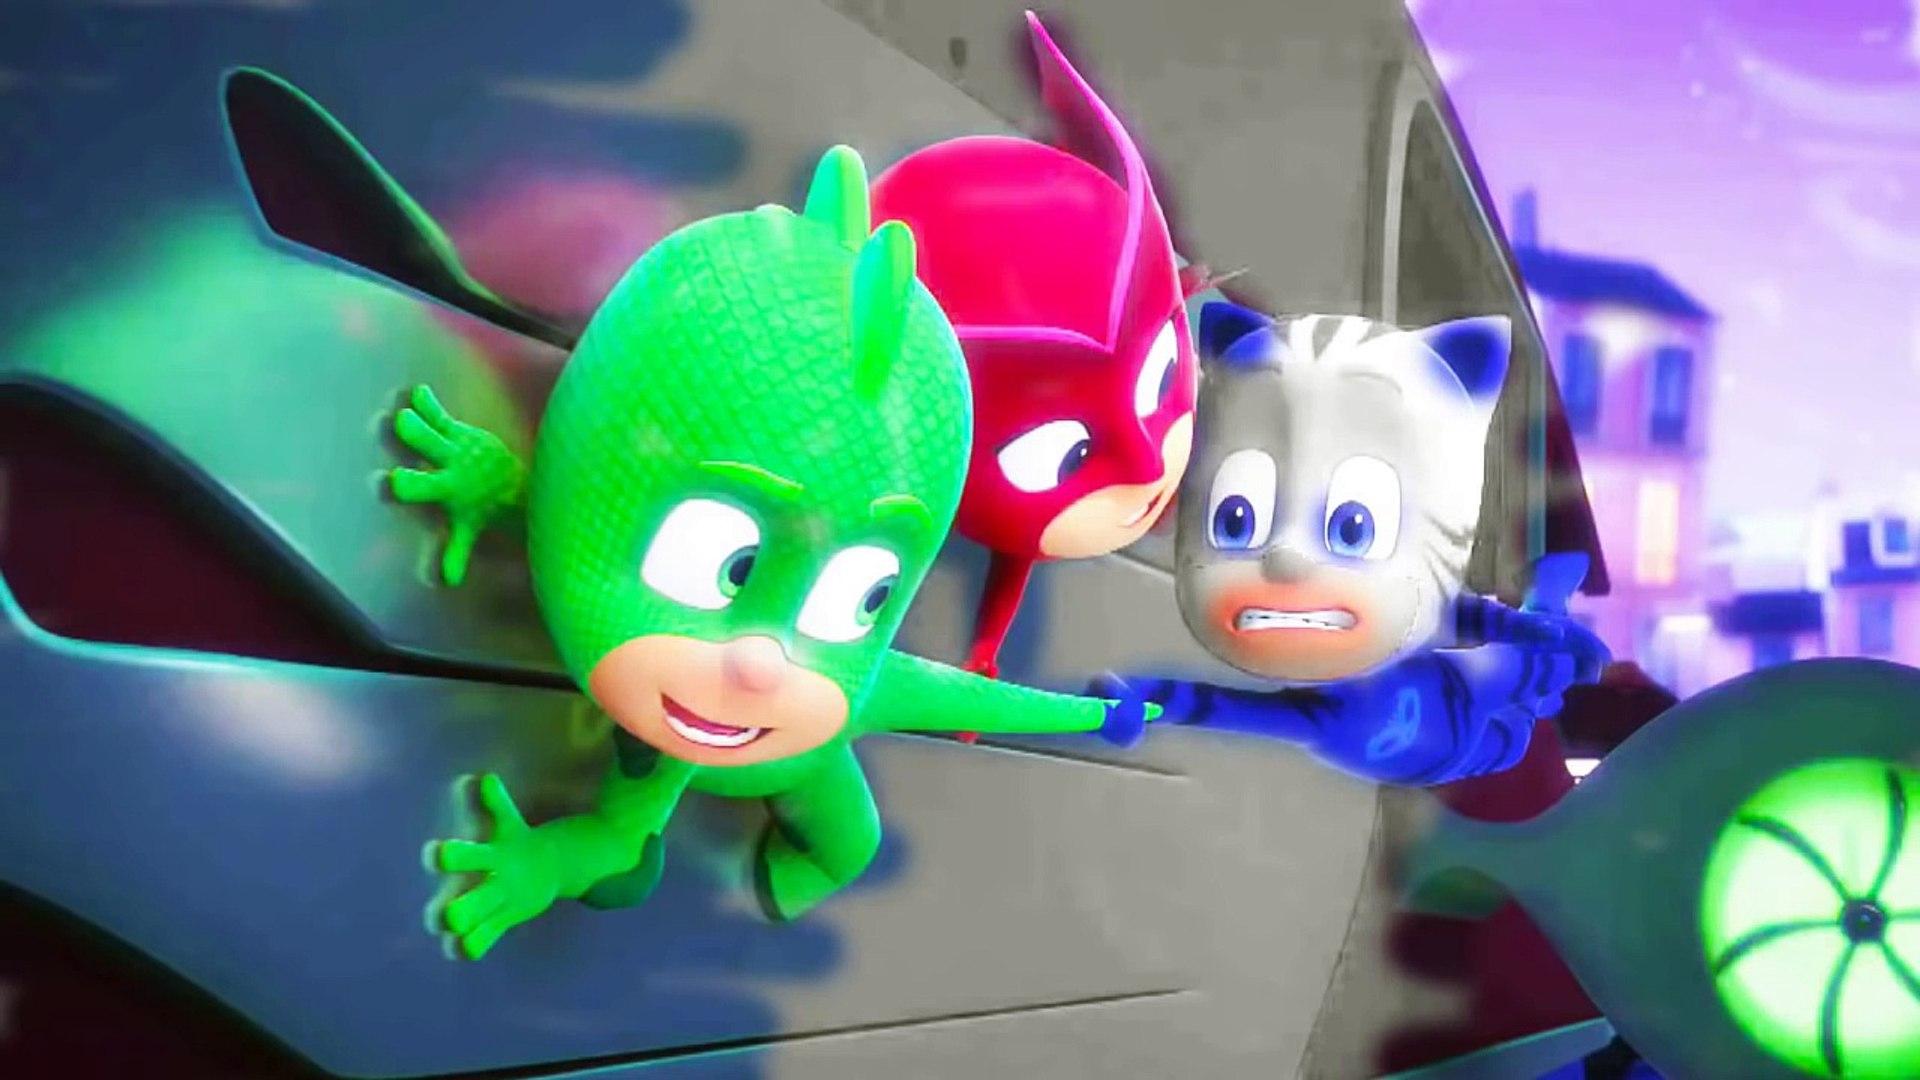 Pj Masks Lets Go Pjmasks Coloring Pages Catboy Connor Owlette Amaya Gekko Greg Pj Coloring Book Video Dailymotion